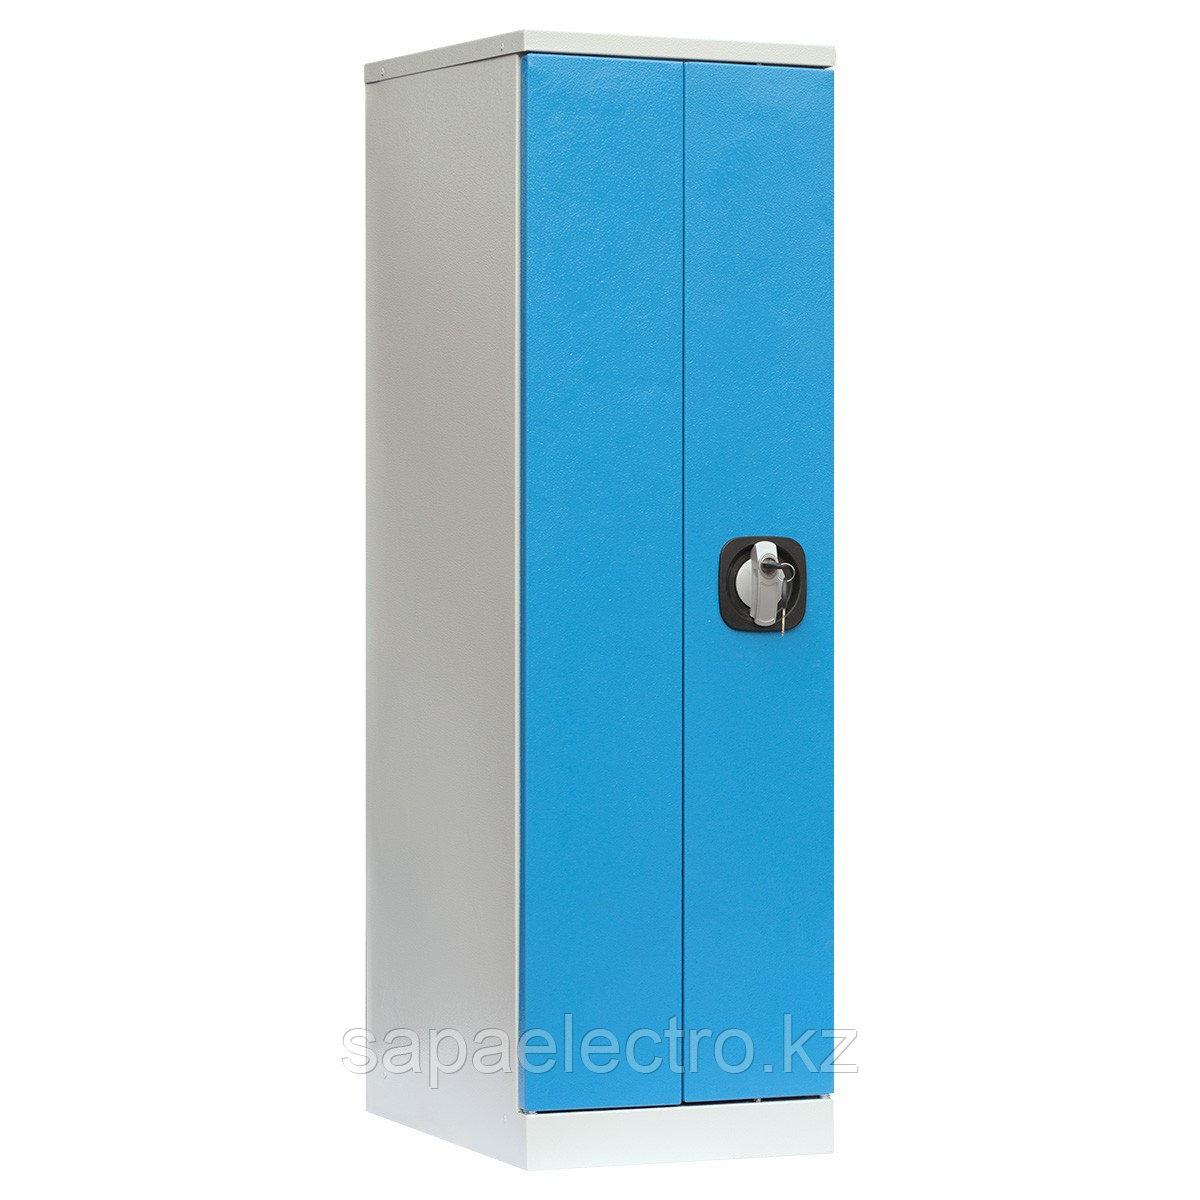 Металл. Шкаф для одежды школьников 1000x400x300 MGL